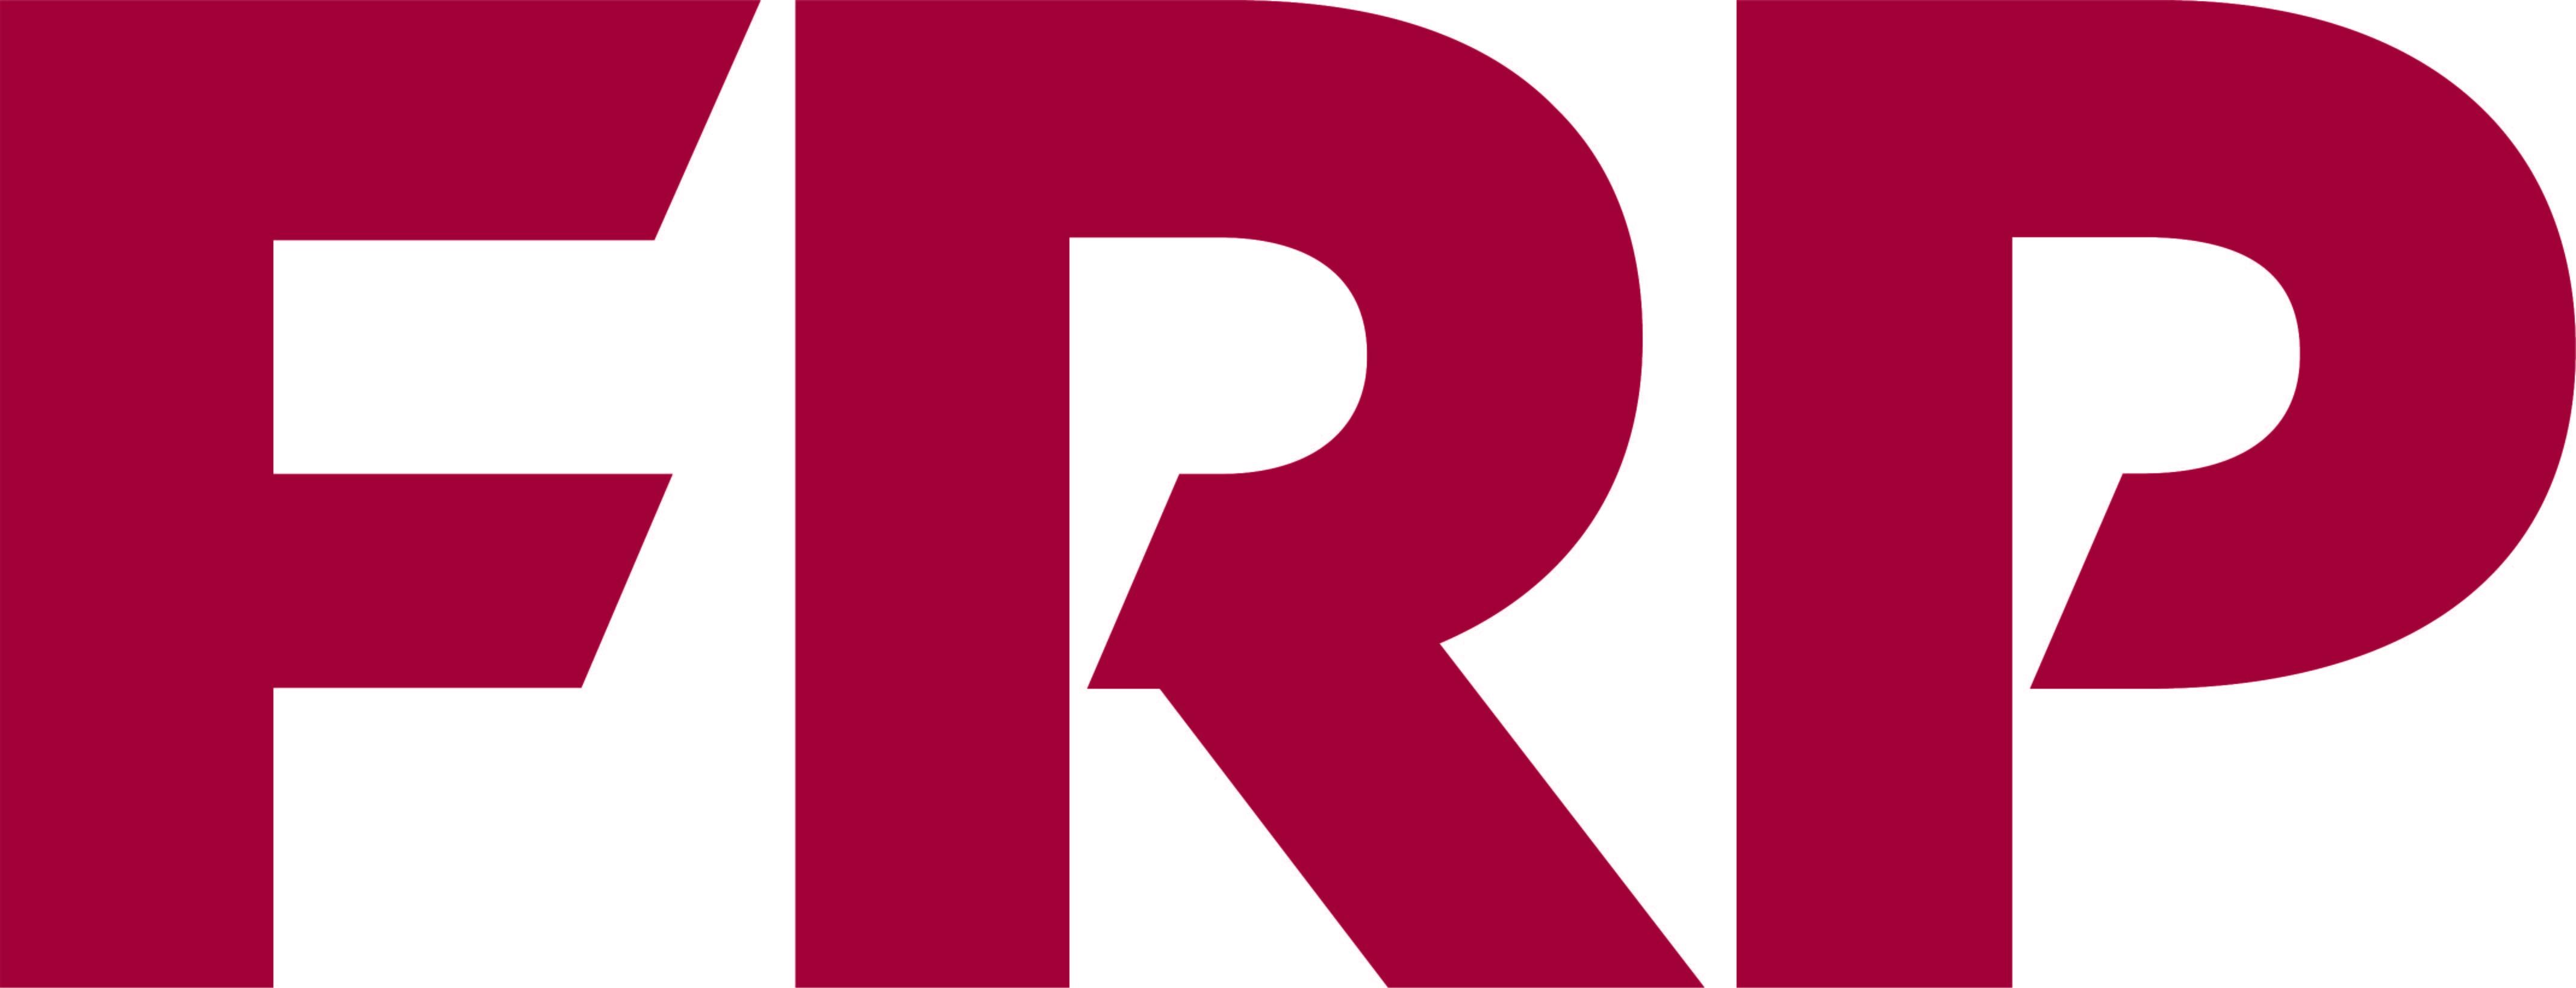 FRP_Logo.jpg